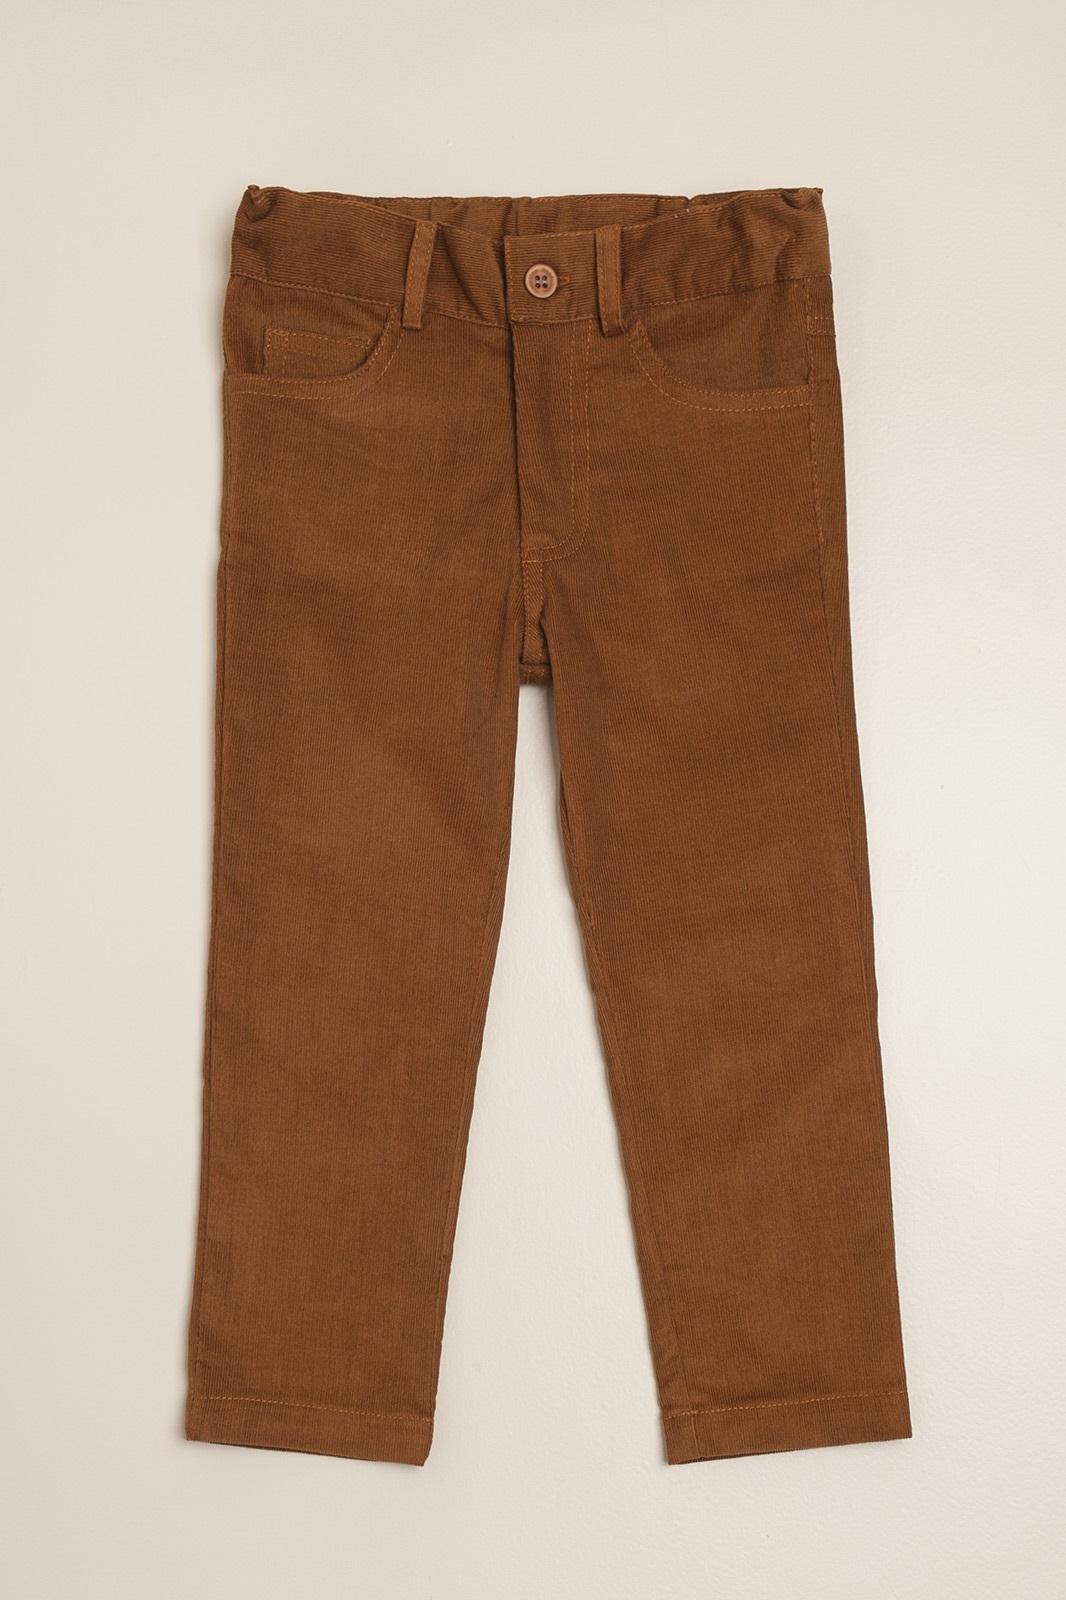 Pantalon de corderoy tostado